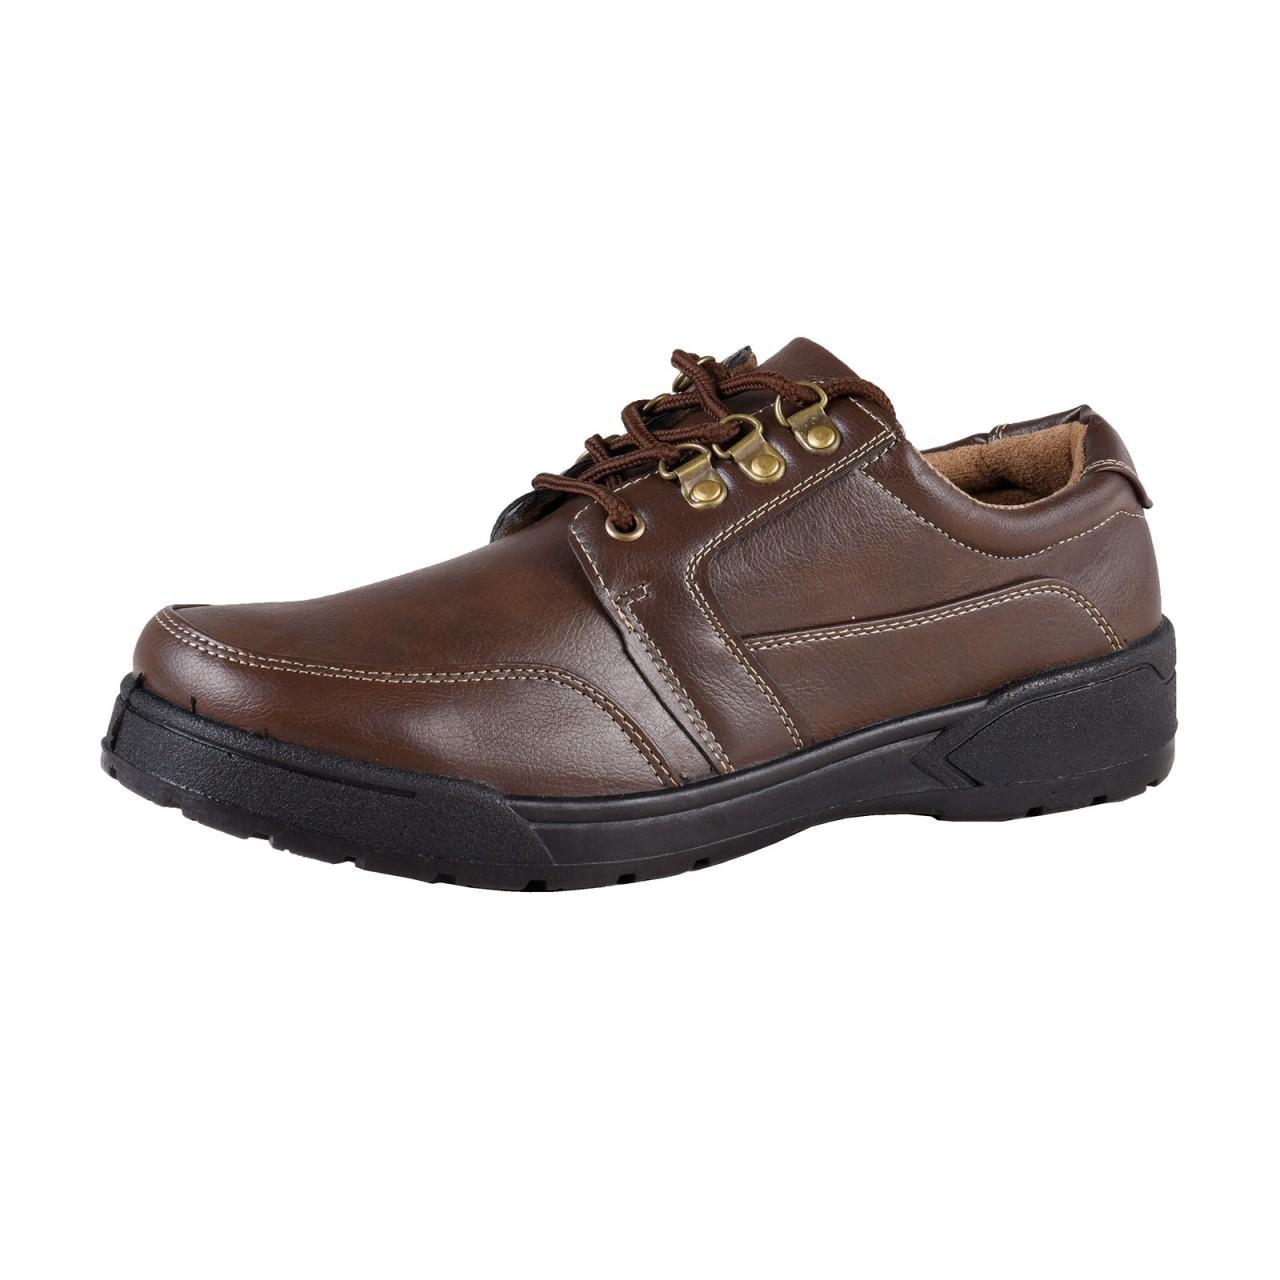 avec Mario Chaussures coutures Hommes marron décoratives Bucelli Derbies F1Tlc3KJ